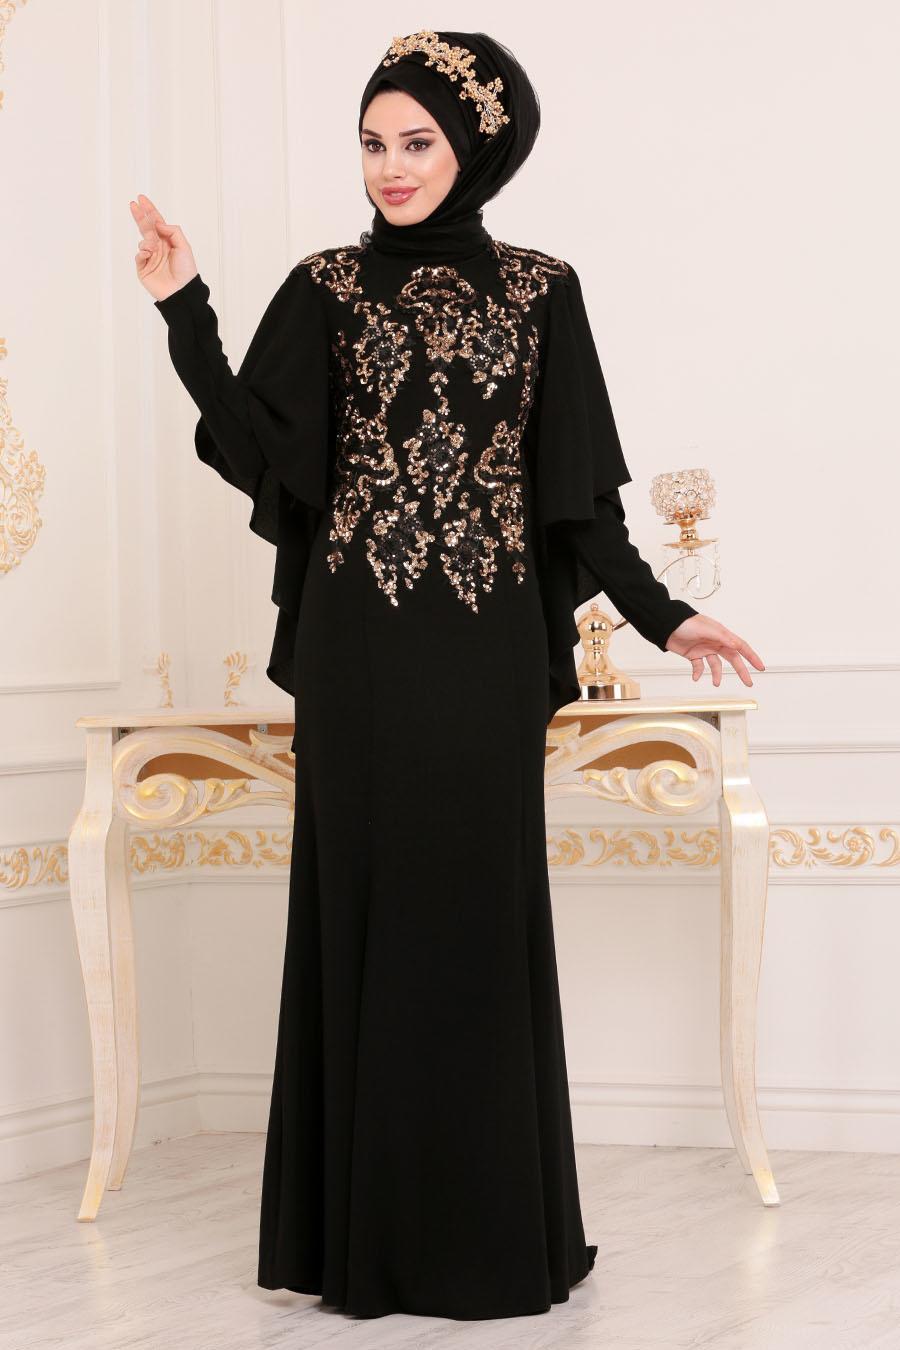 Tesettürlü Abiye Elbise - Pul Payetli Kolları Pelerinli Siyah Tesettür Abiye Elbise 81201S